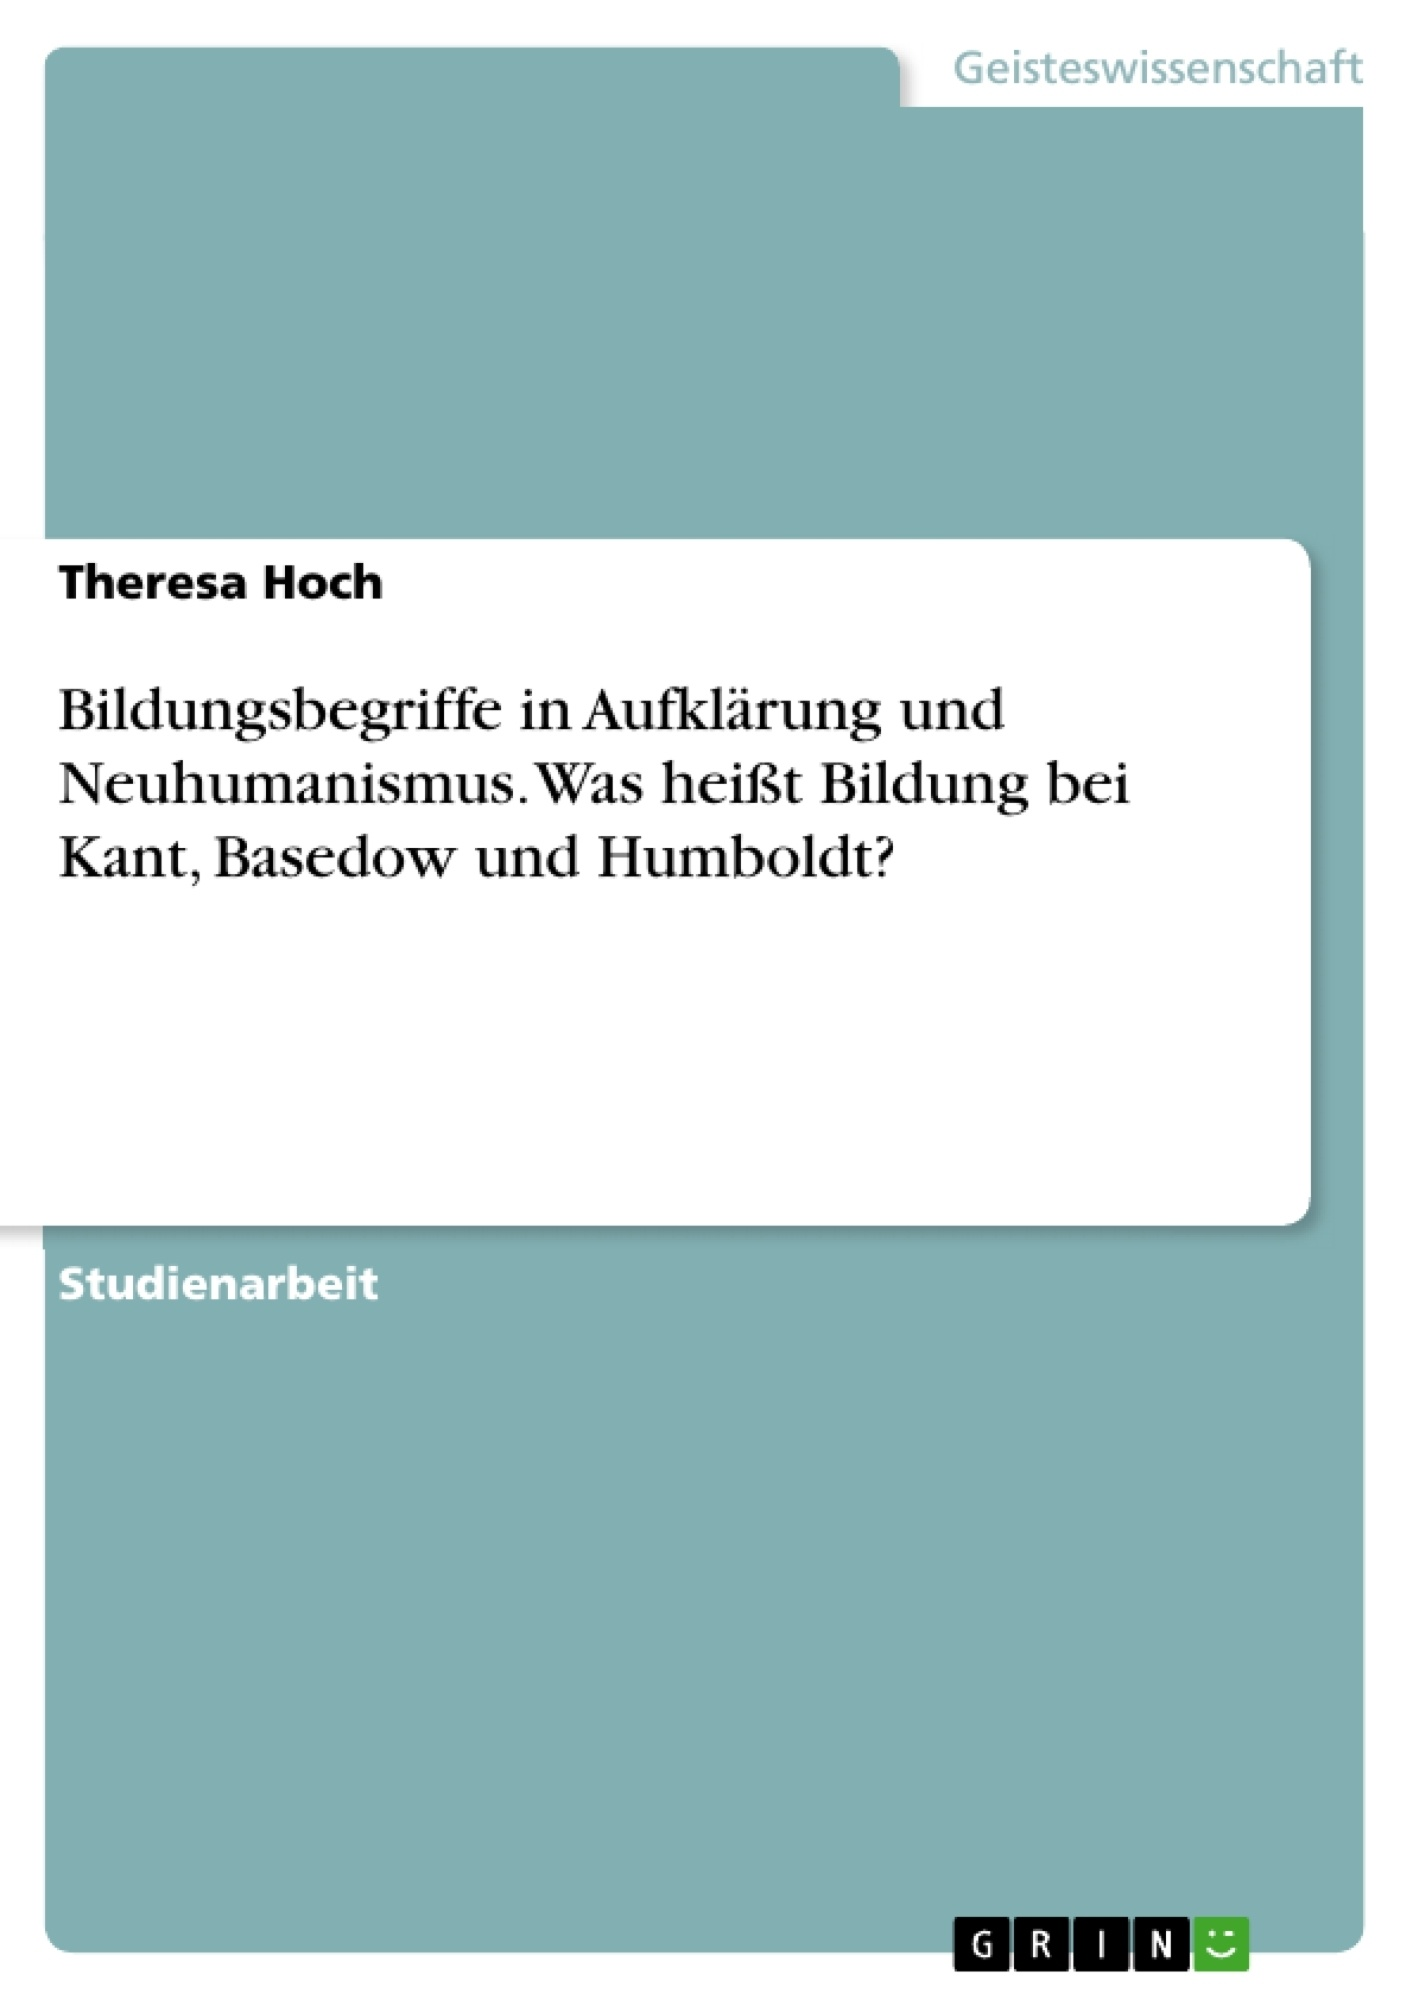 Titel: Bildungsbegriffe in Aufklärung und Neuhumanismus. Was heißt Bildung bei Kant, Basedow und Humboldt?